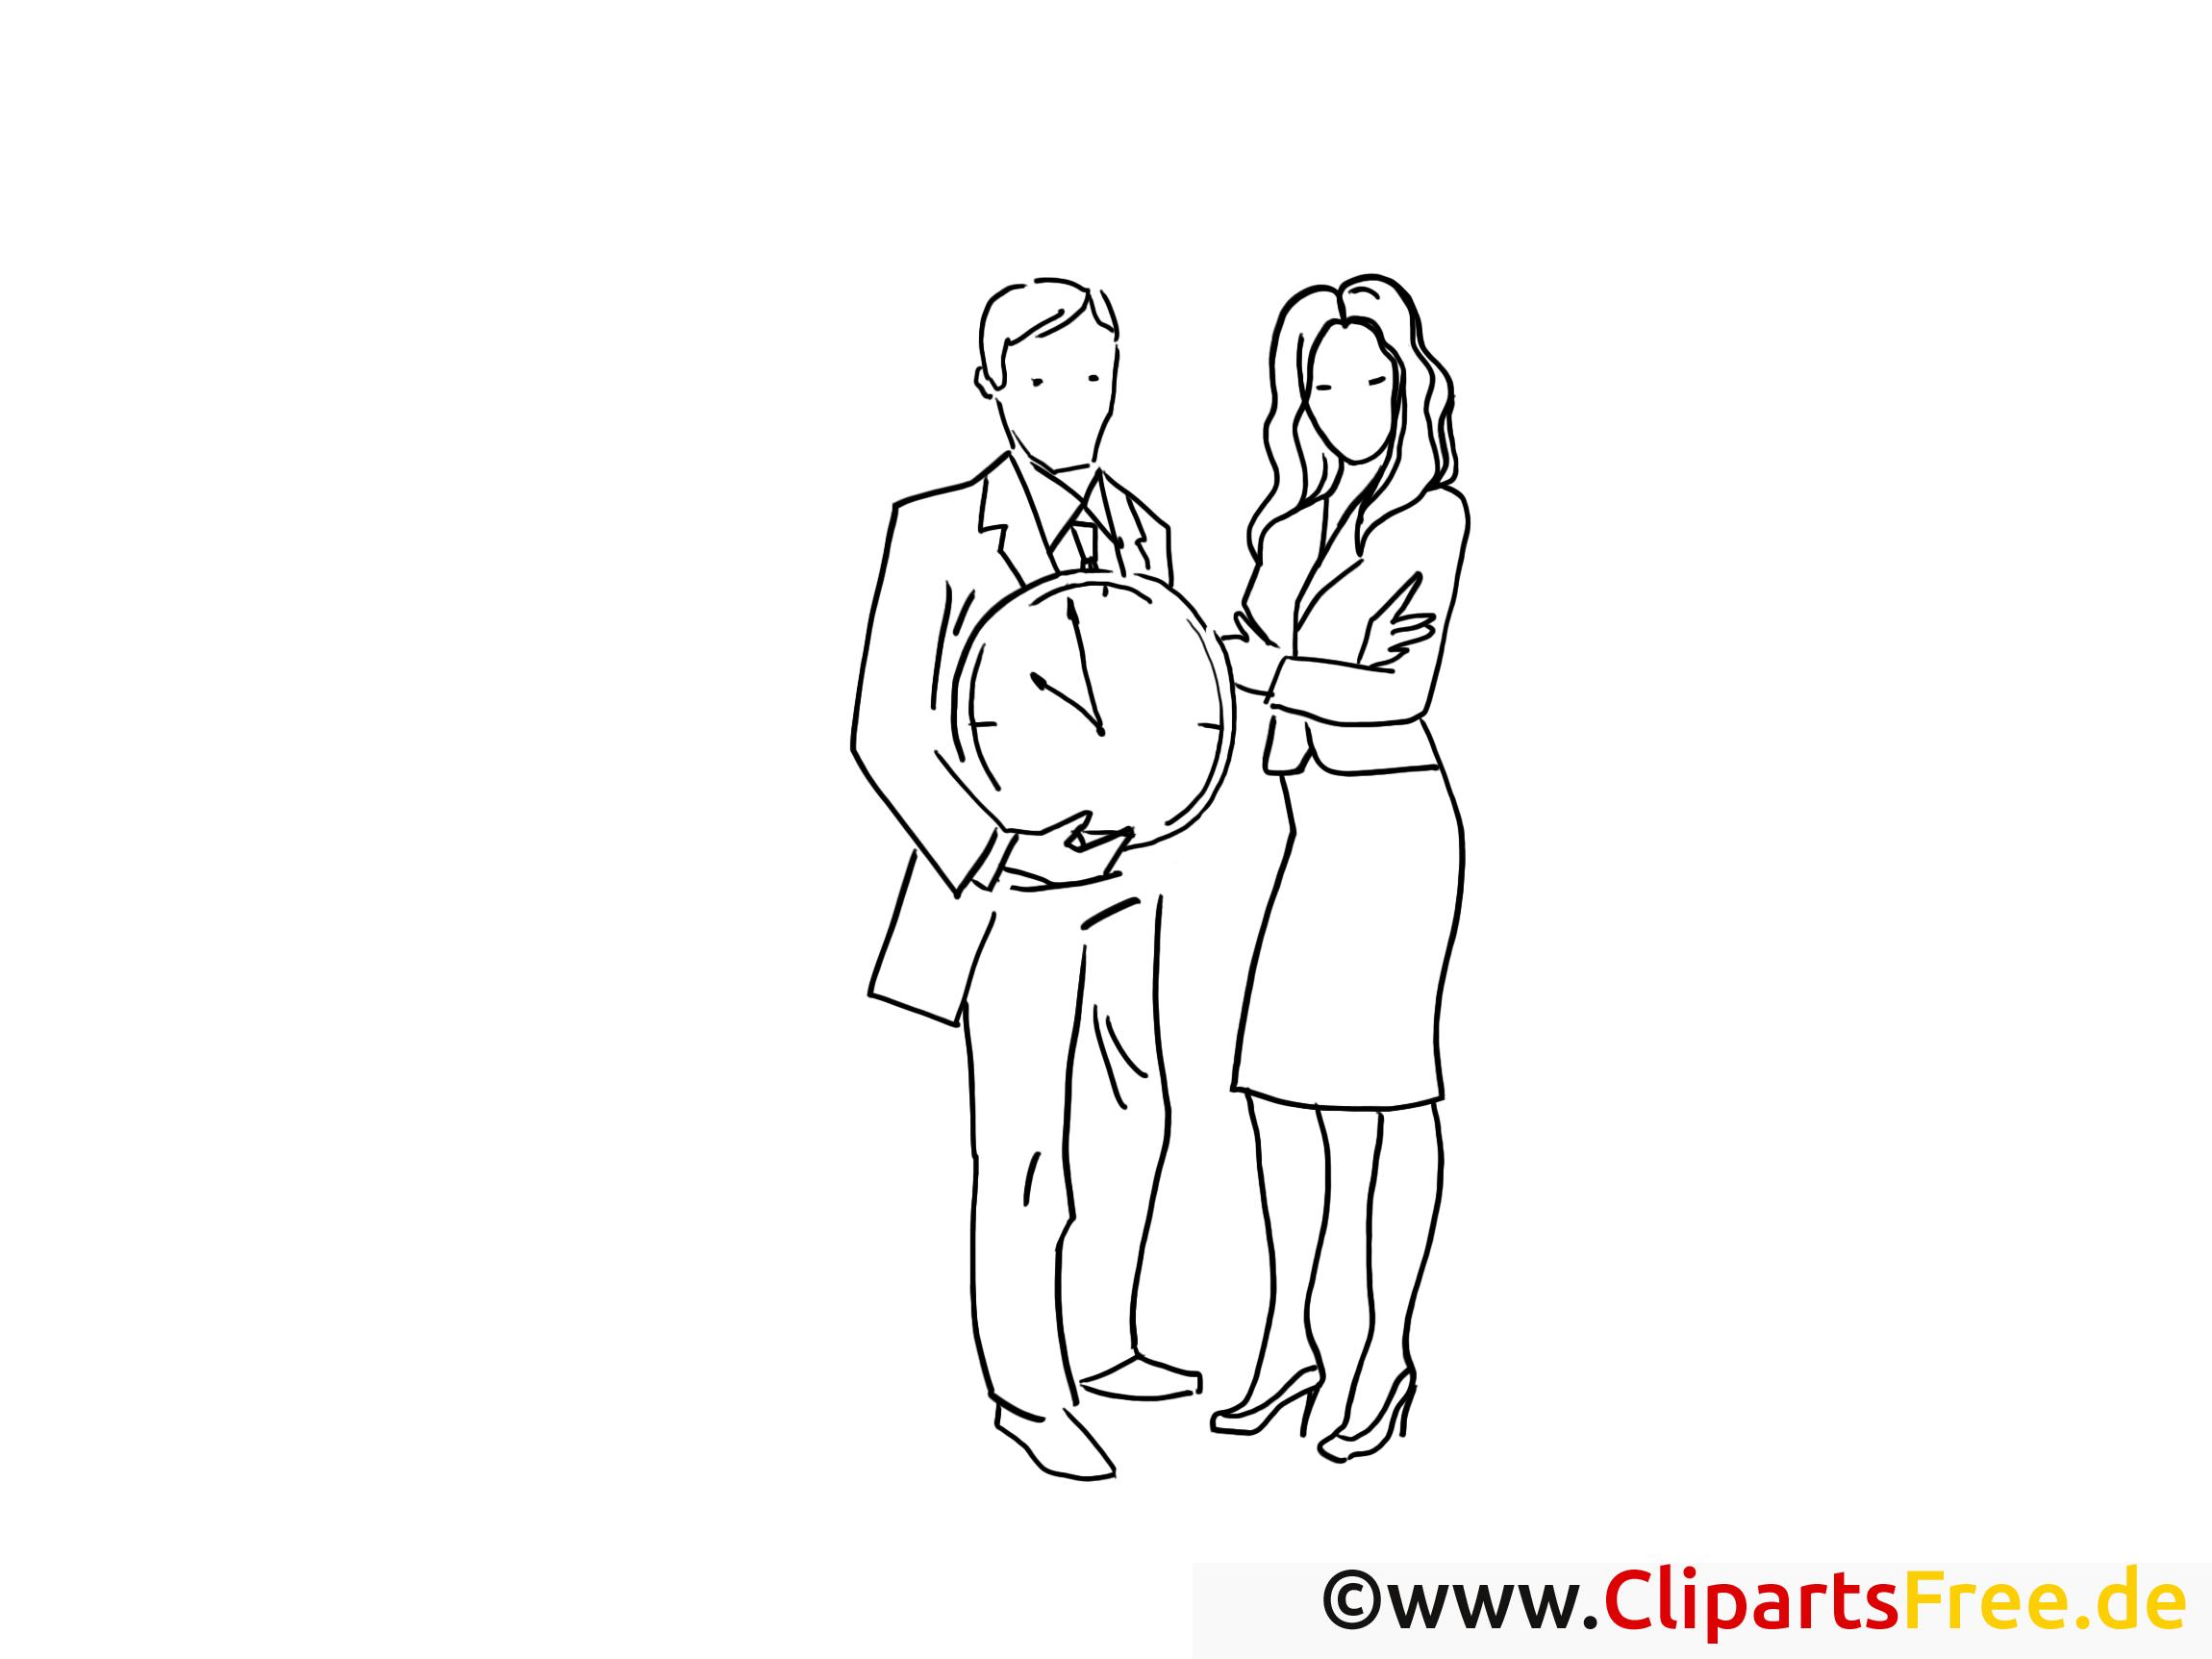 Mann und Frau - Bilder zum Drucken und Ausmalen